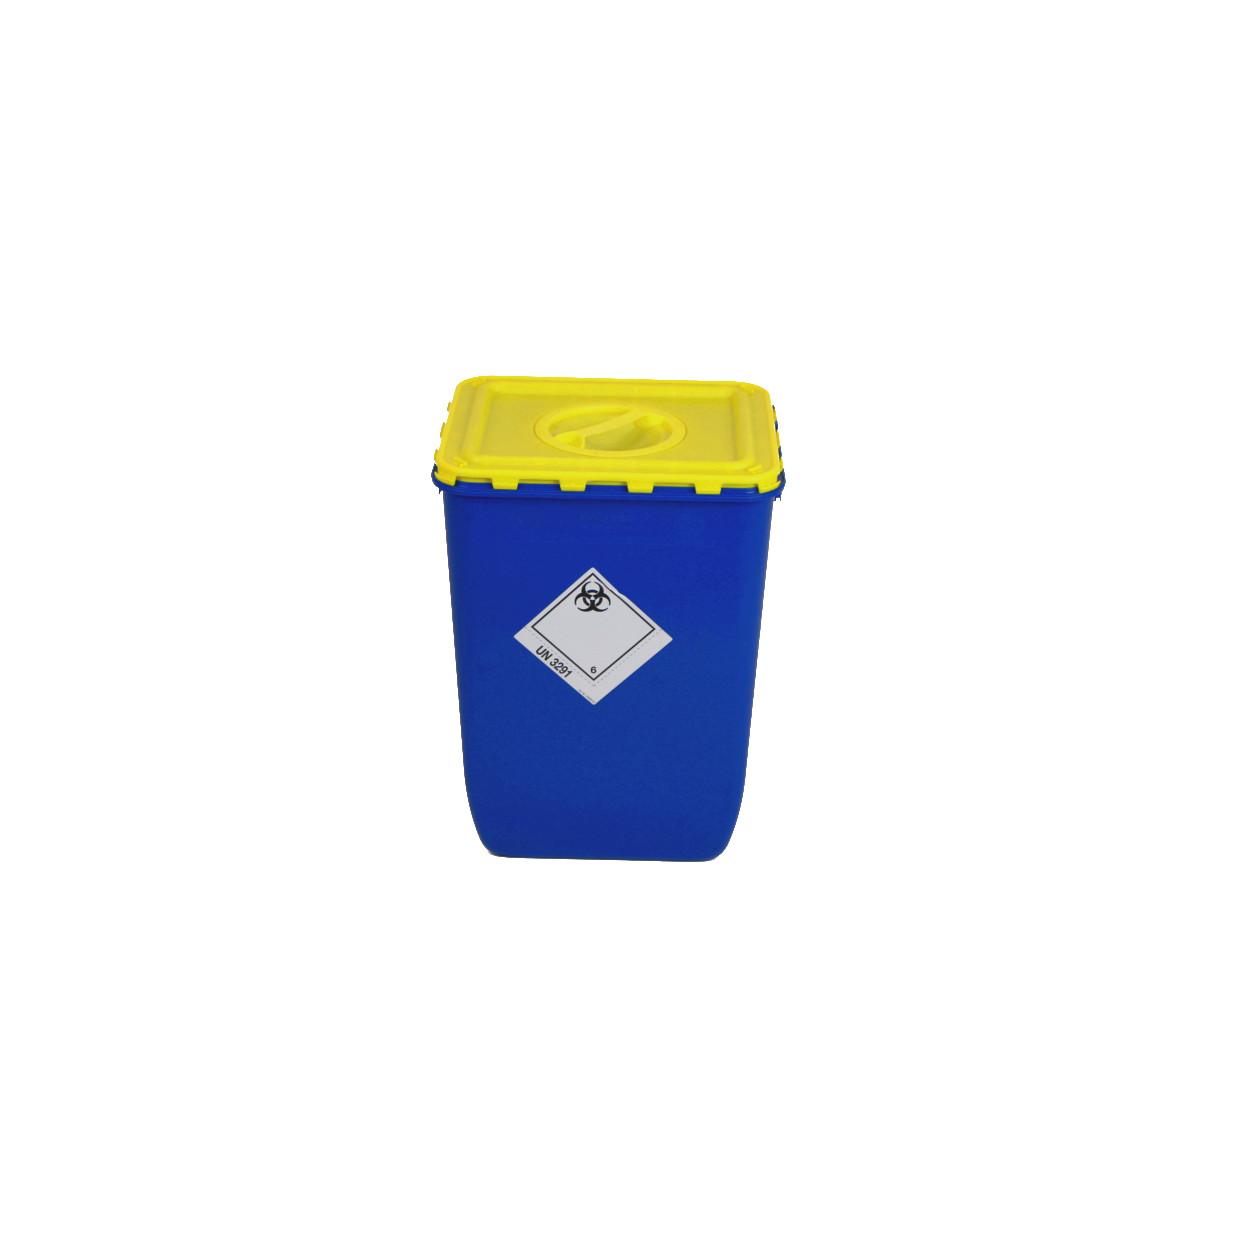 Box s víkem s otvorem na sběr biologického odpadu - 50 l